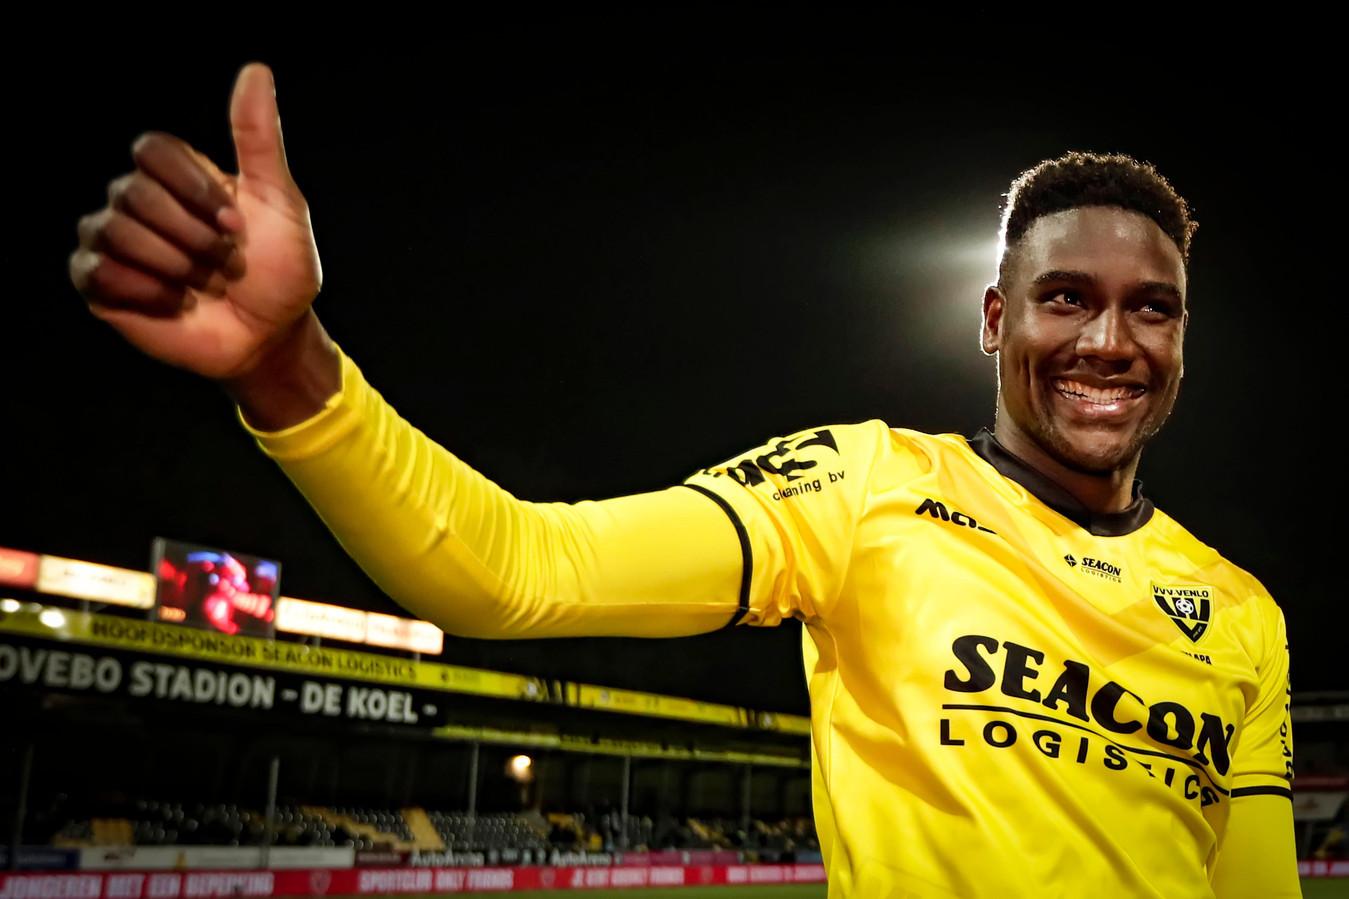 Peniel Mlapa werd deze zomer voor 500 duizend euro gekocht door VVV-Venlo en is daarmee de laatste recordaanwinst van een club uit de eredivisie. Hij werd echter ook meteen weer verkocht voor 2,5 miljoen euro.